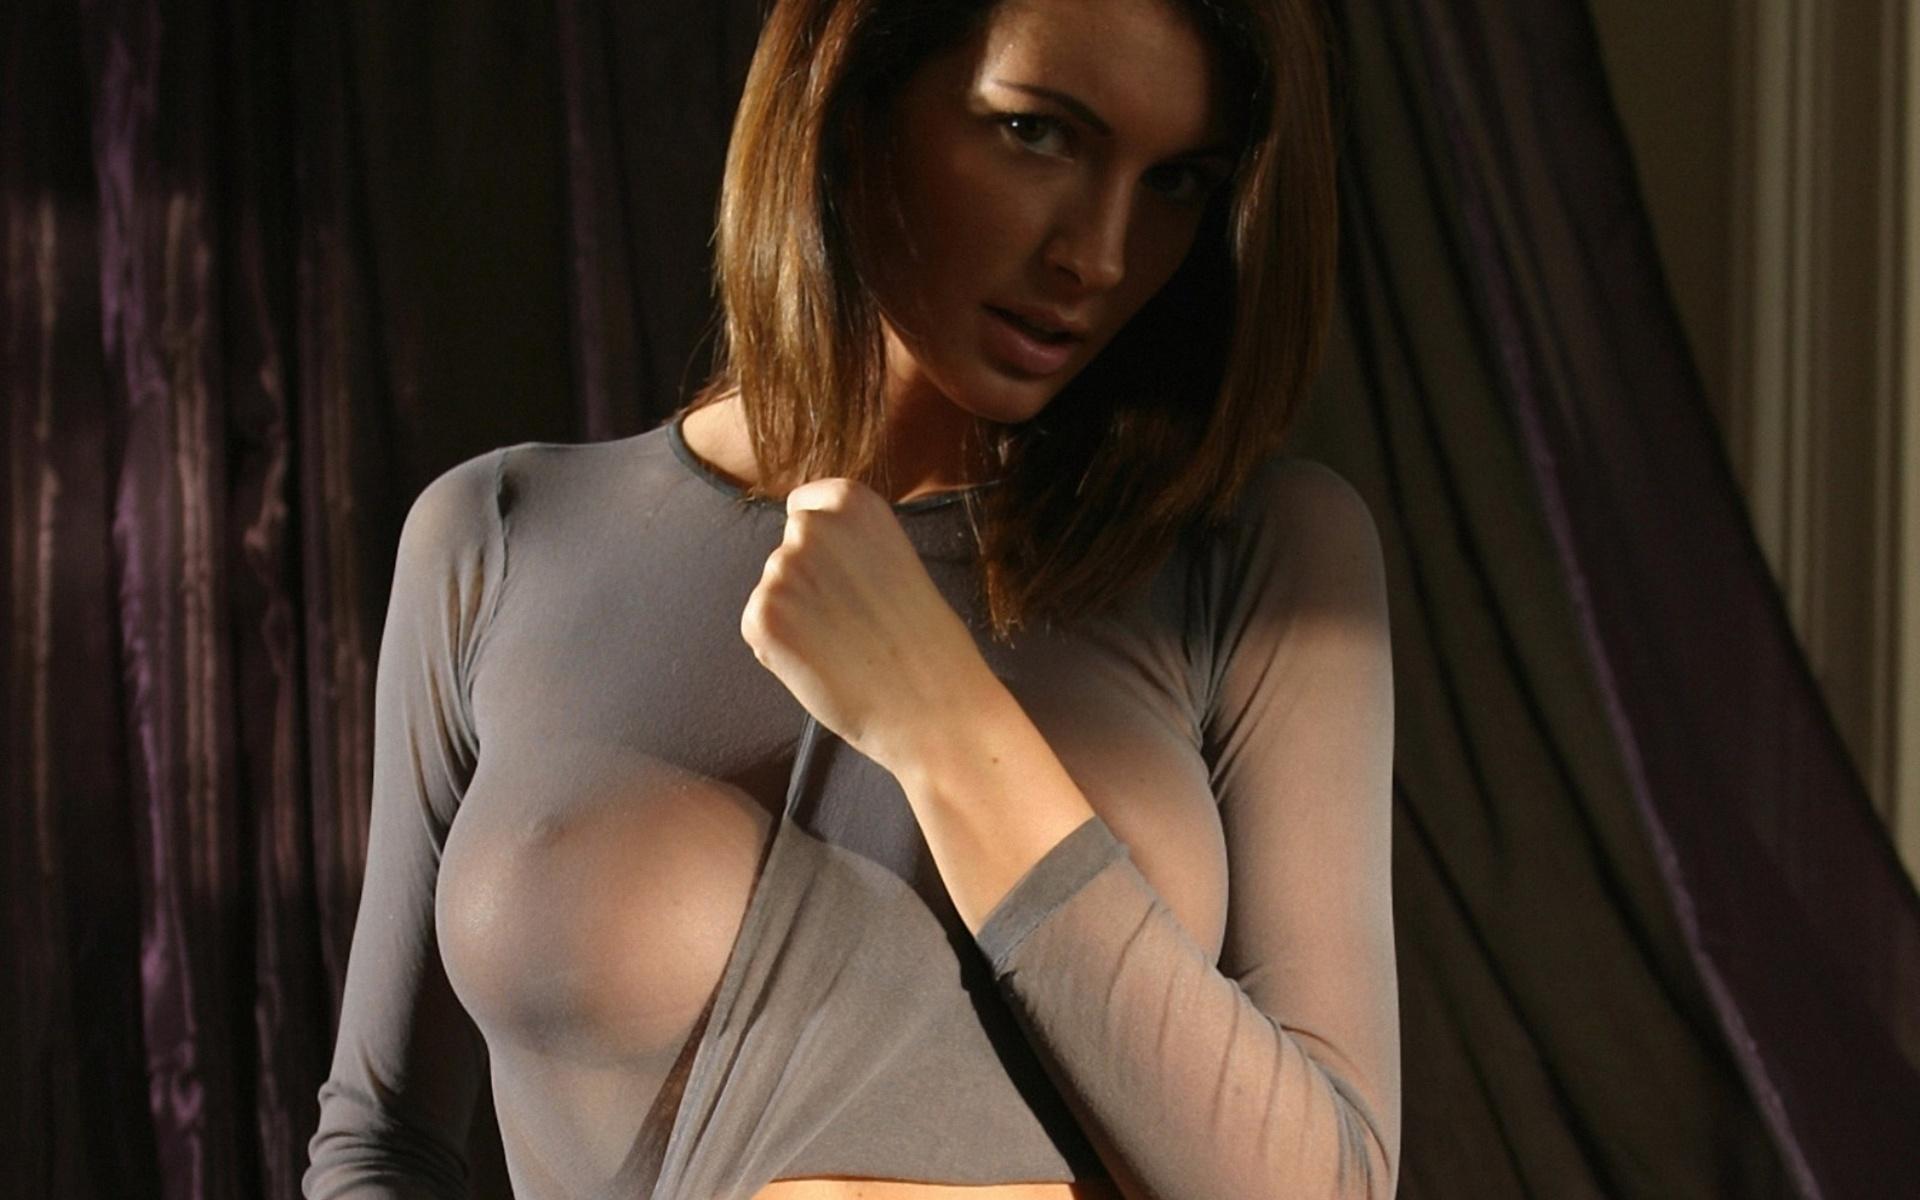 Фотки с сиськами в одежде, Красивые сиськи в прозрачной одежде частные секс фото 36 фотография